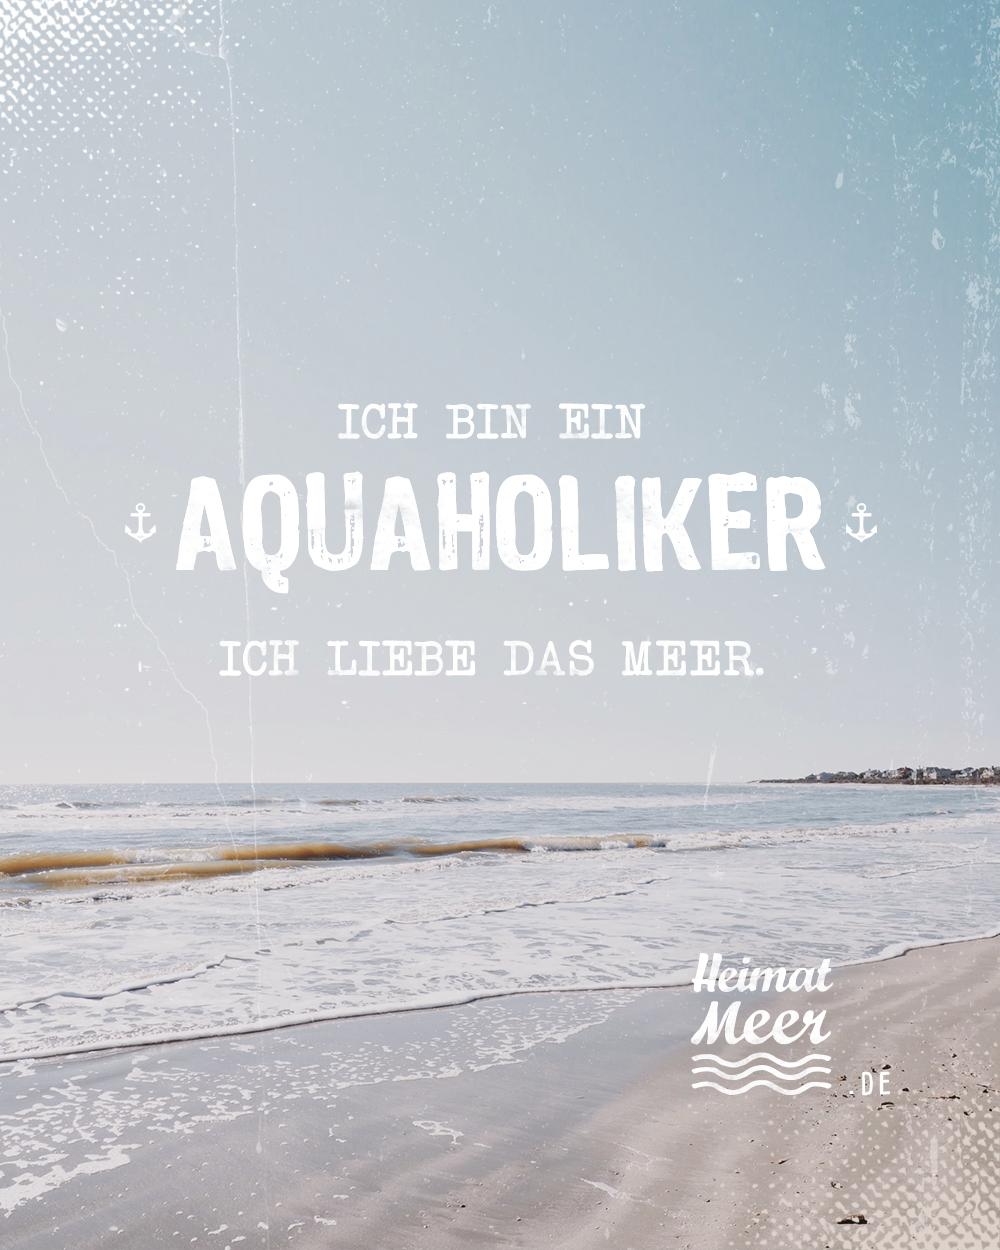 Aquaholiker! 💯 Mee(h)r Heimatmeer >>